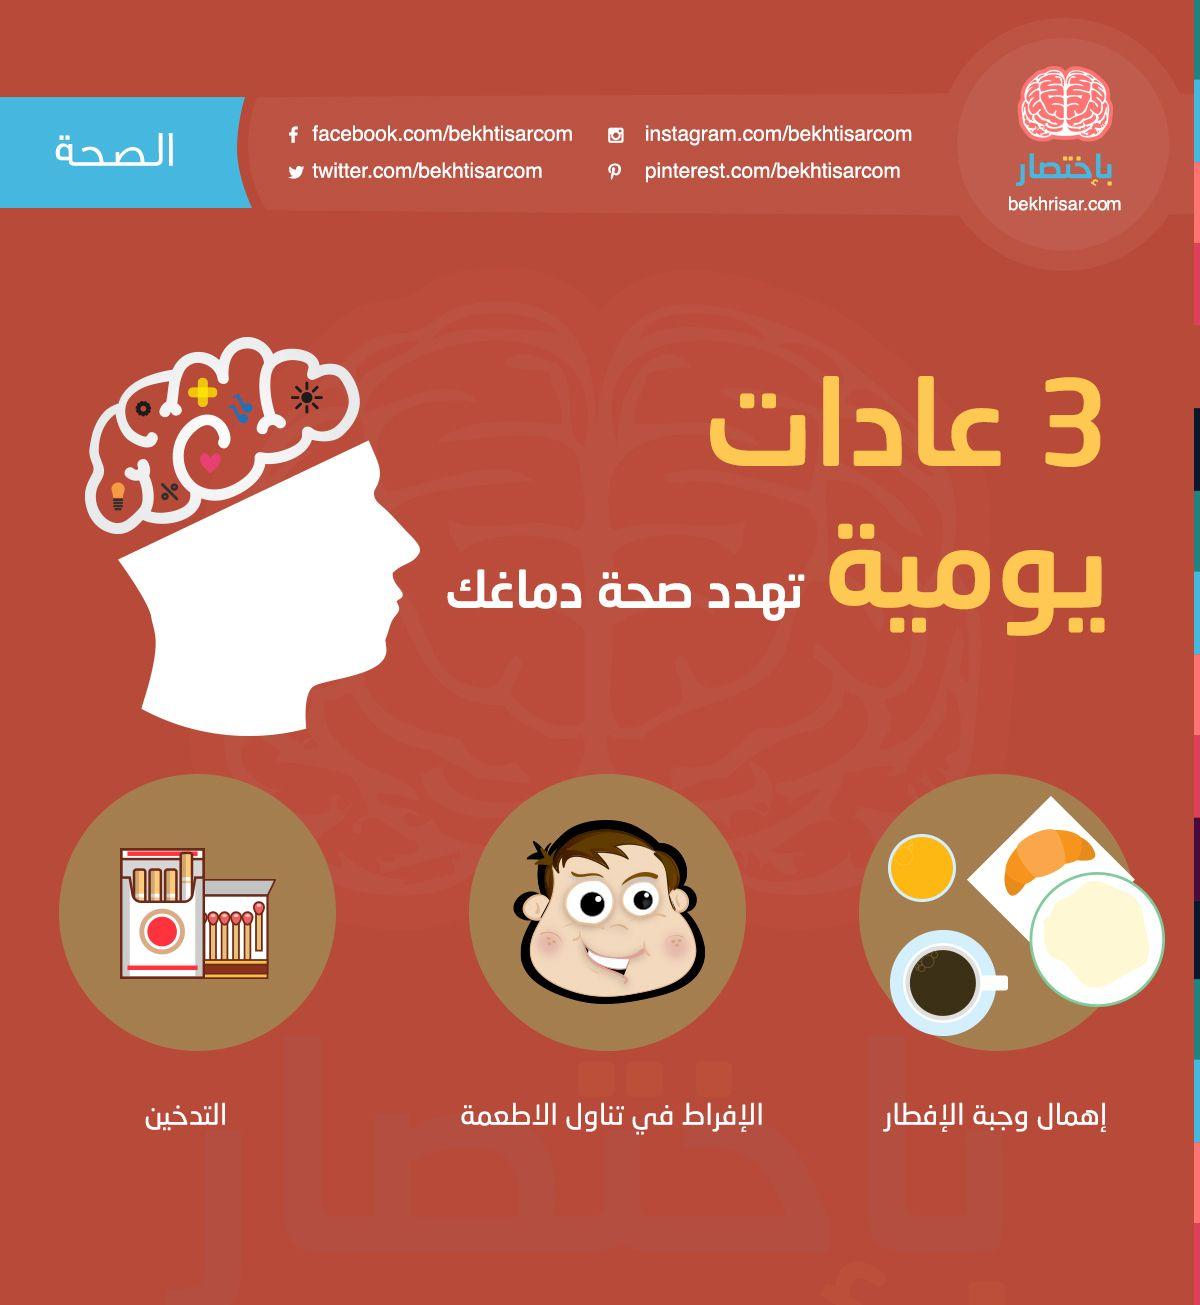 3 عادات يومية تهدد صحة دماغك باختصار الصحة الطب معلومة هل تعلم فوائد الدماغ التدخين الافطا Health Advice Health Diet Health